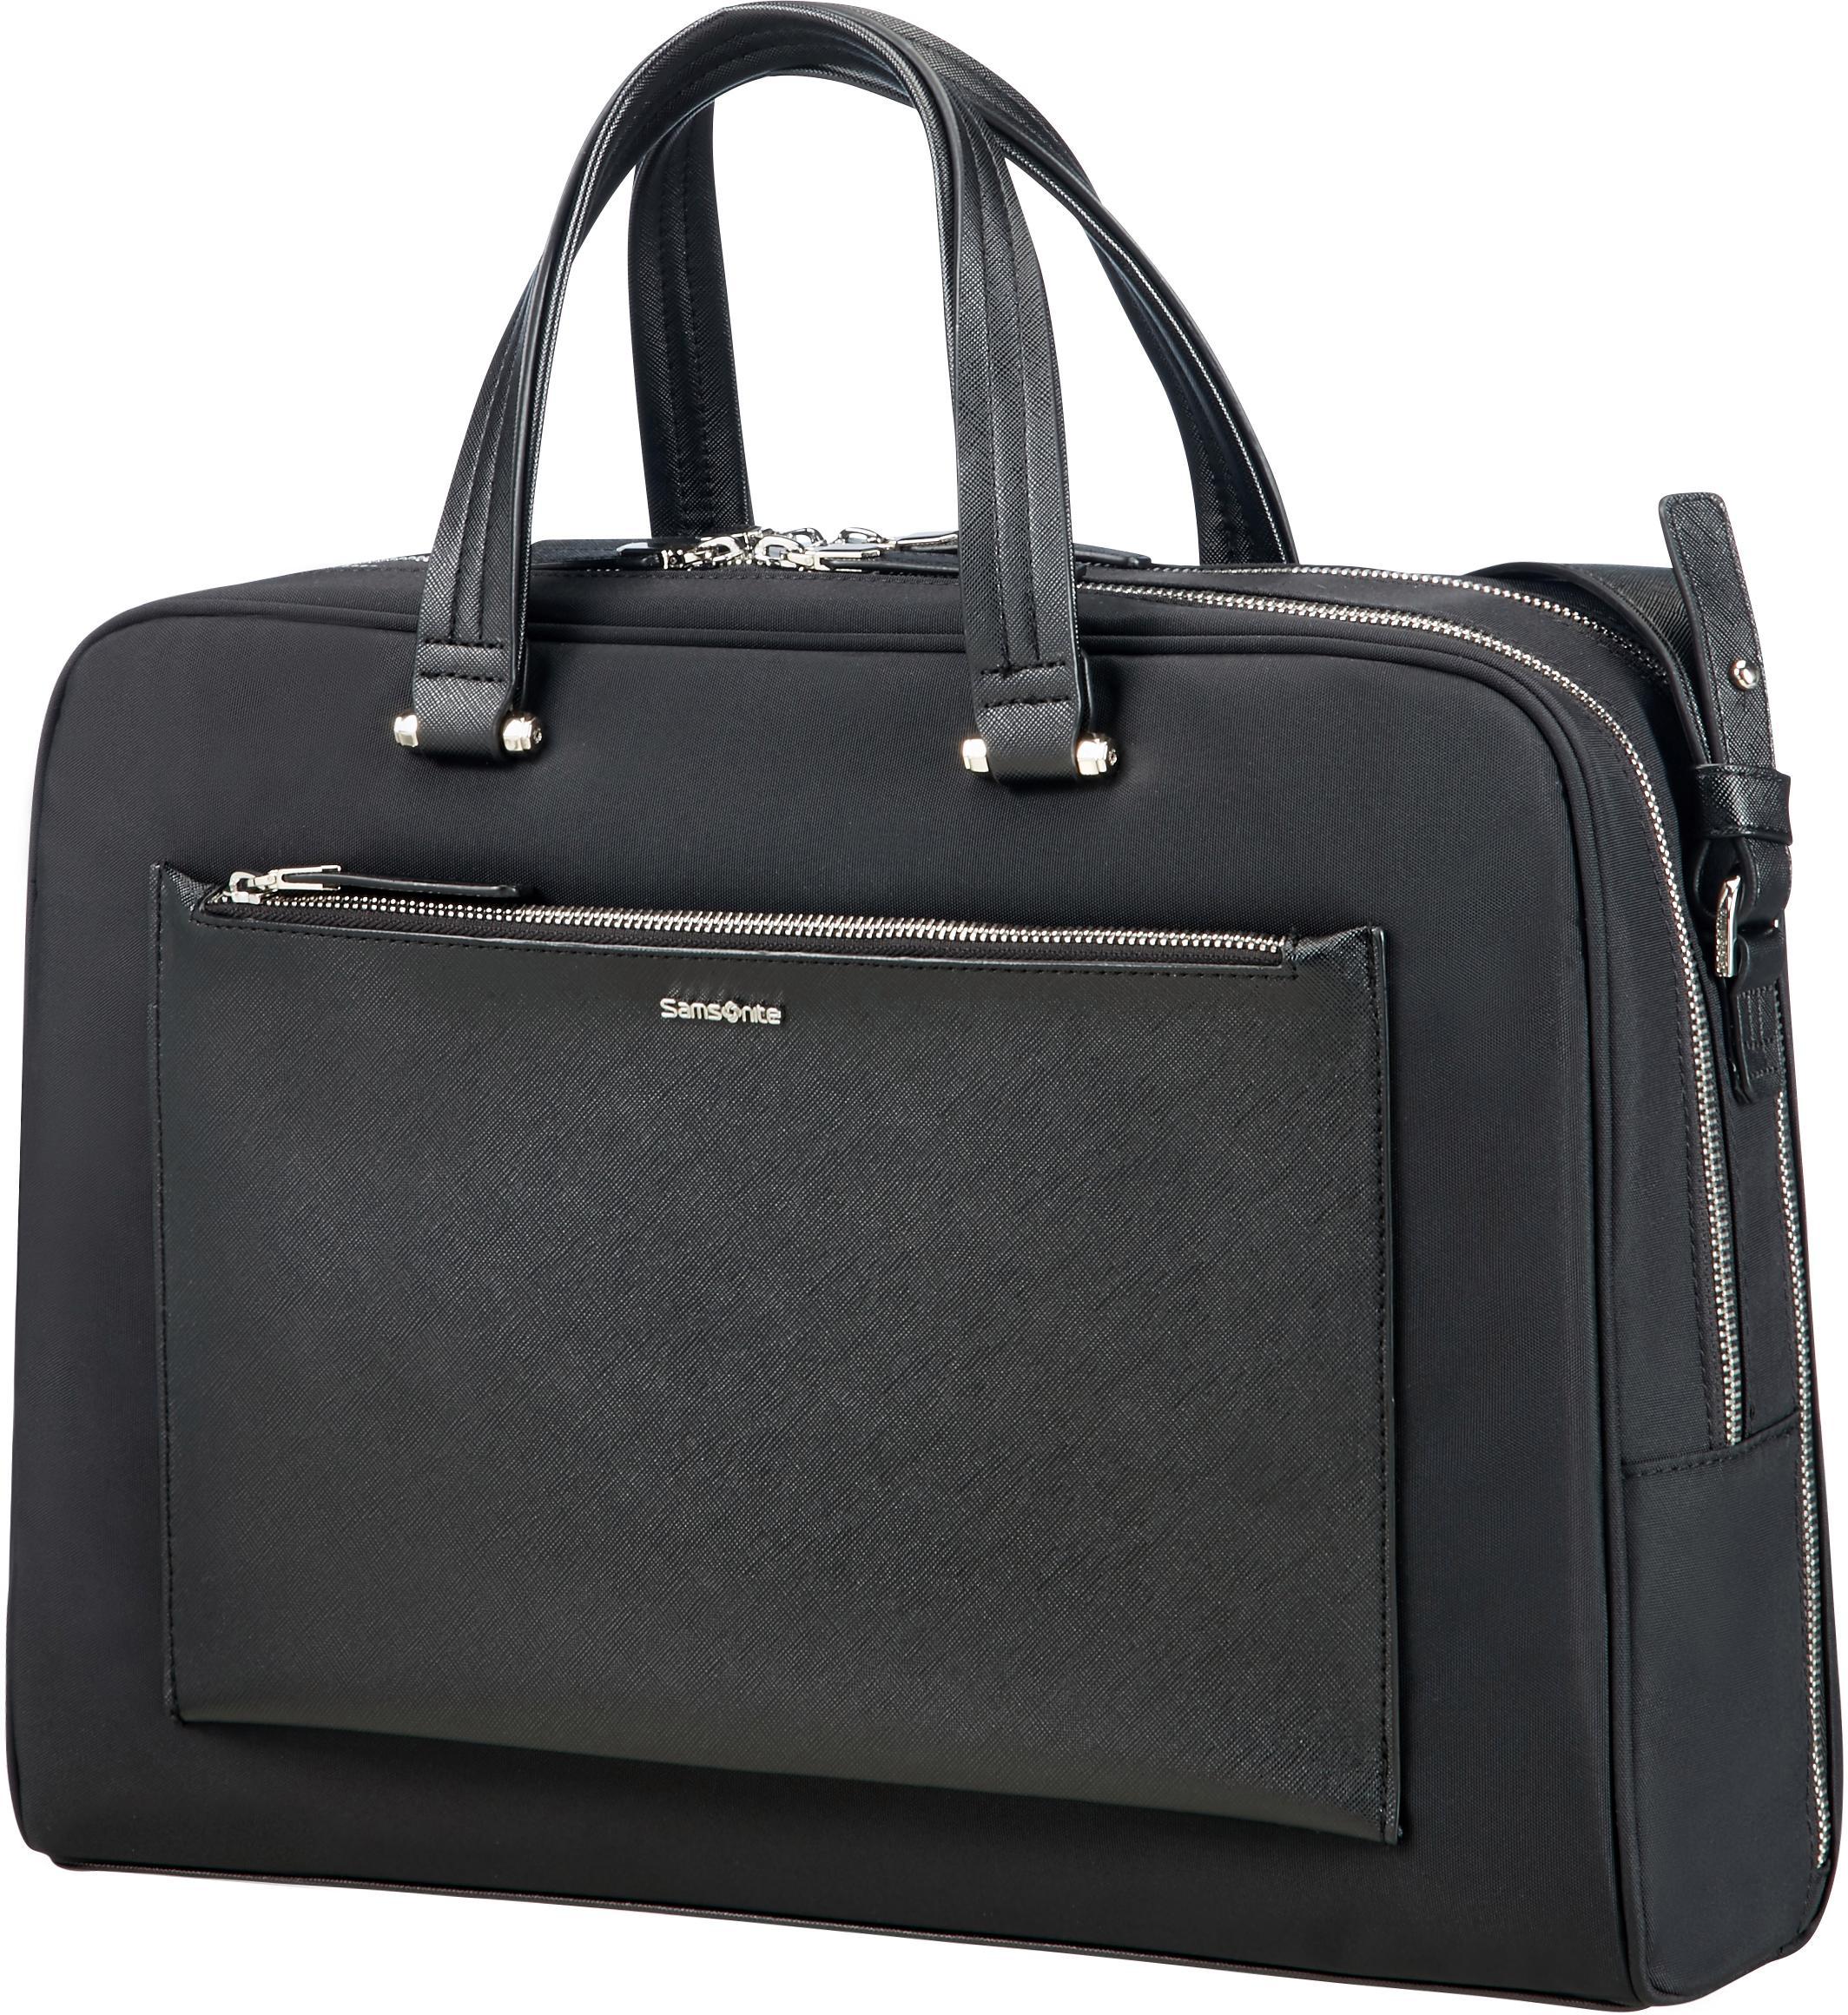 Samsonite Businesstasche »Zalia, 2 Fächer« | Taschen > Business Taschen > Sonstige Businesstaschen | Schwarz | SAMSONITE